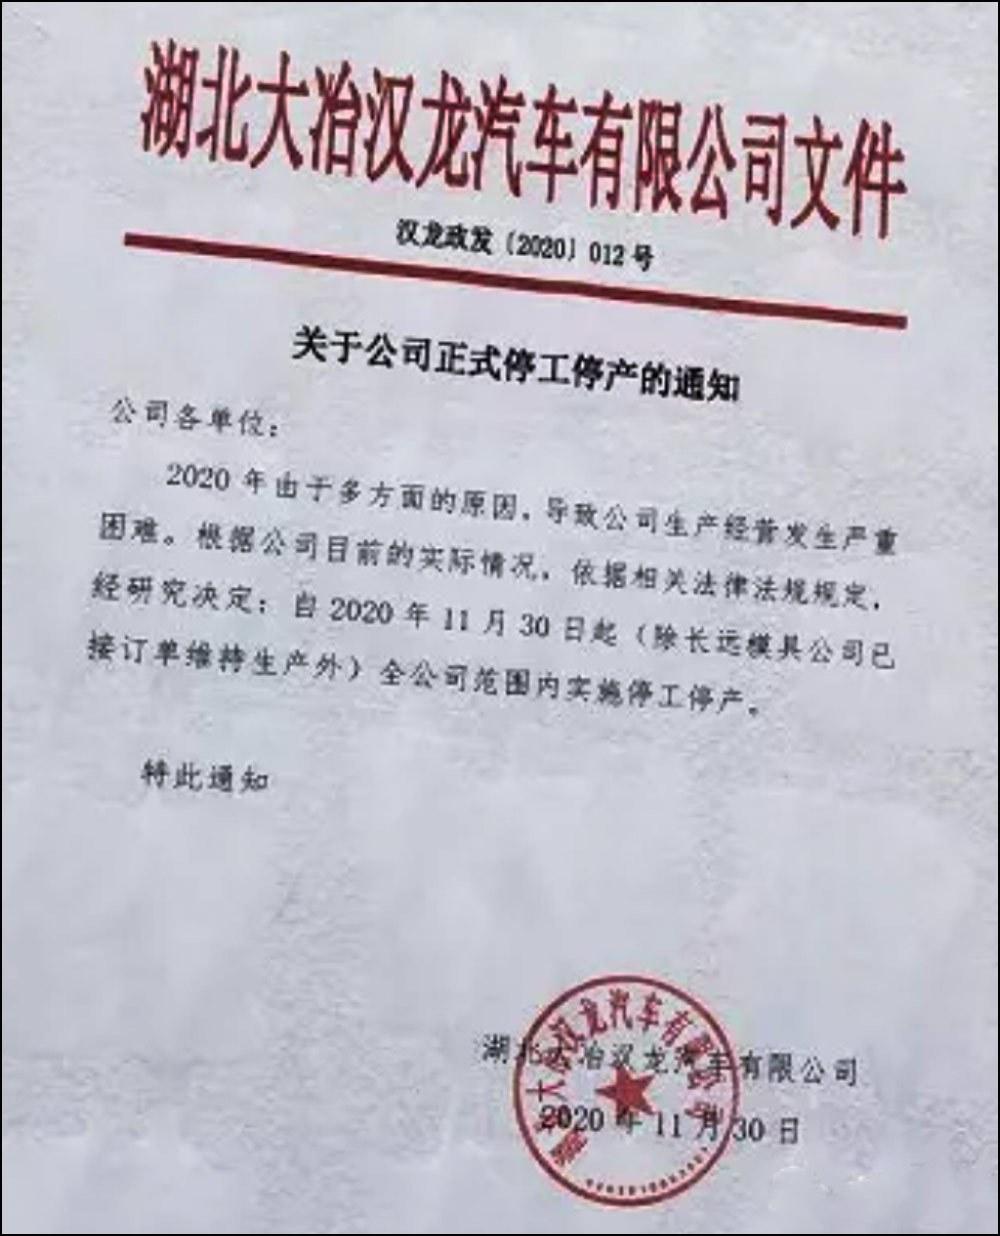 曝汉龙汽车停工停产  众泰T800等车型曾是汉龙的代工车型